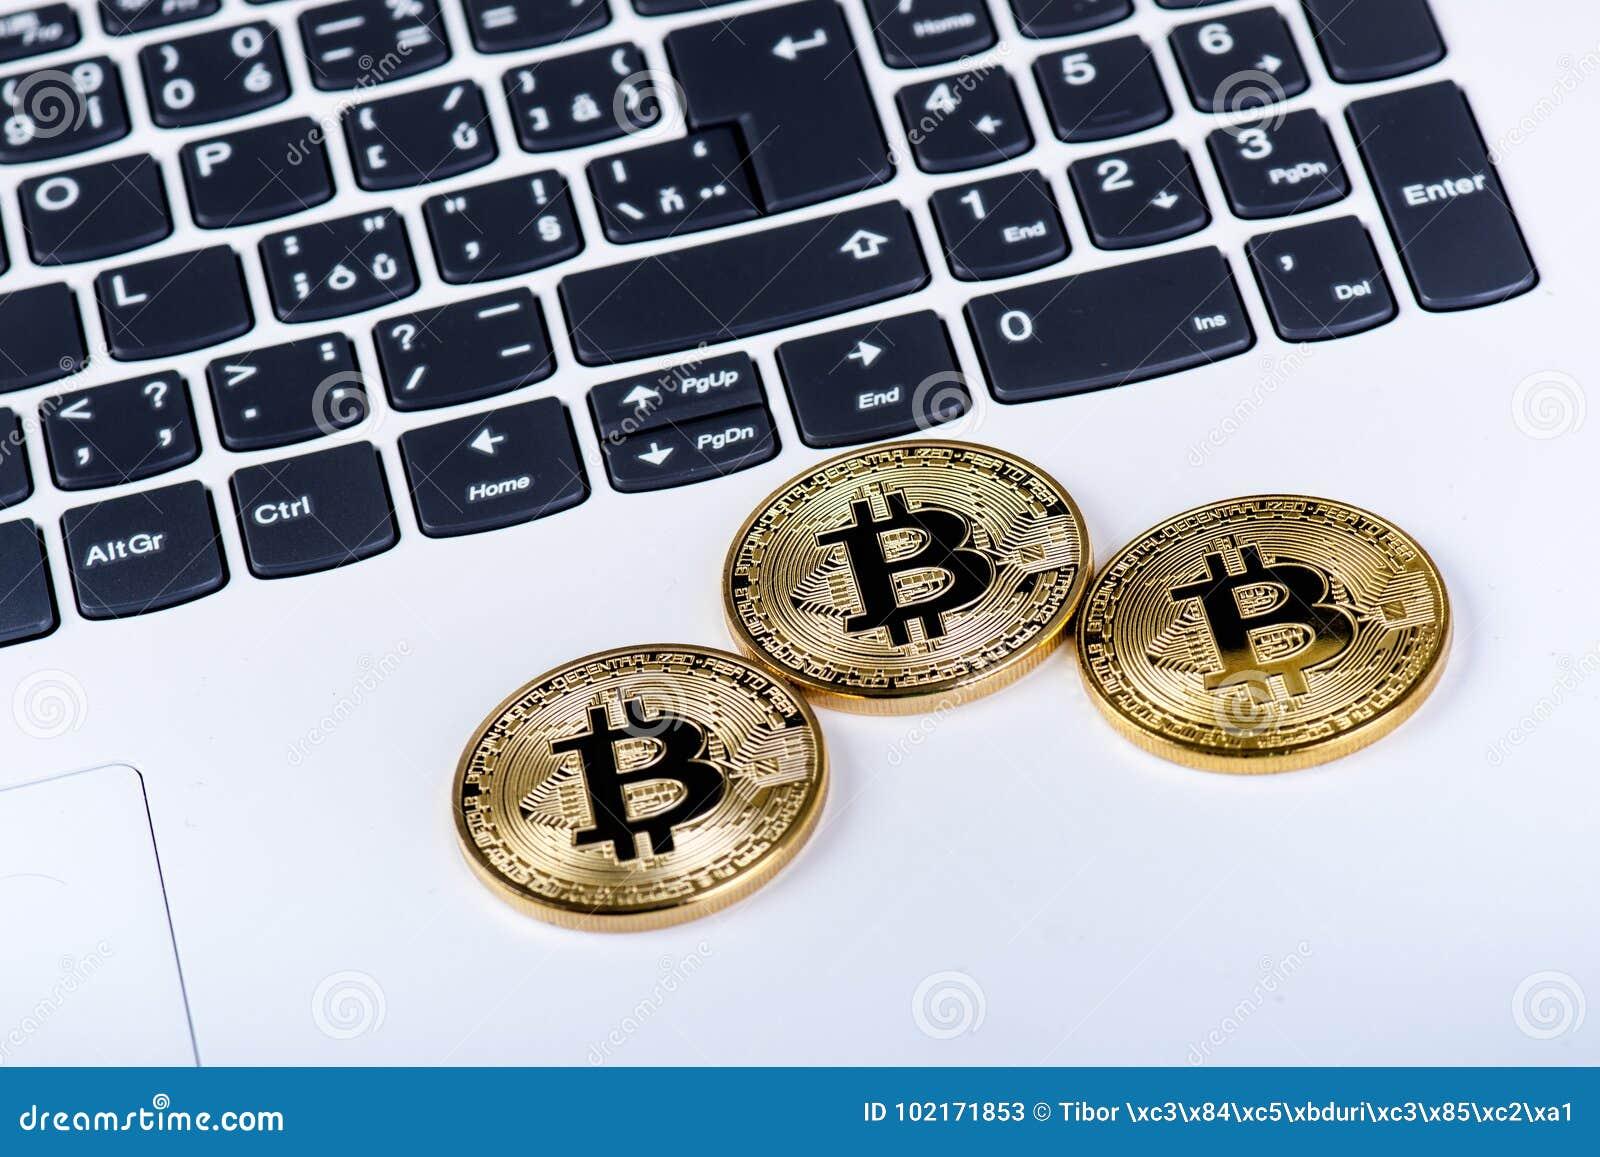 Νομίσματα Bitcoin σε ένα πληκτρολόγιο του άσπρου lap-top Υπολογιστής Κατάσταση επένδυσης Νέο εικονικό νόμισμα Πολυτιμότερο crypto